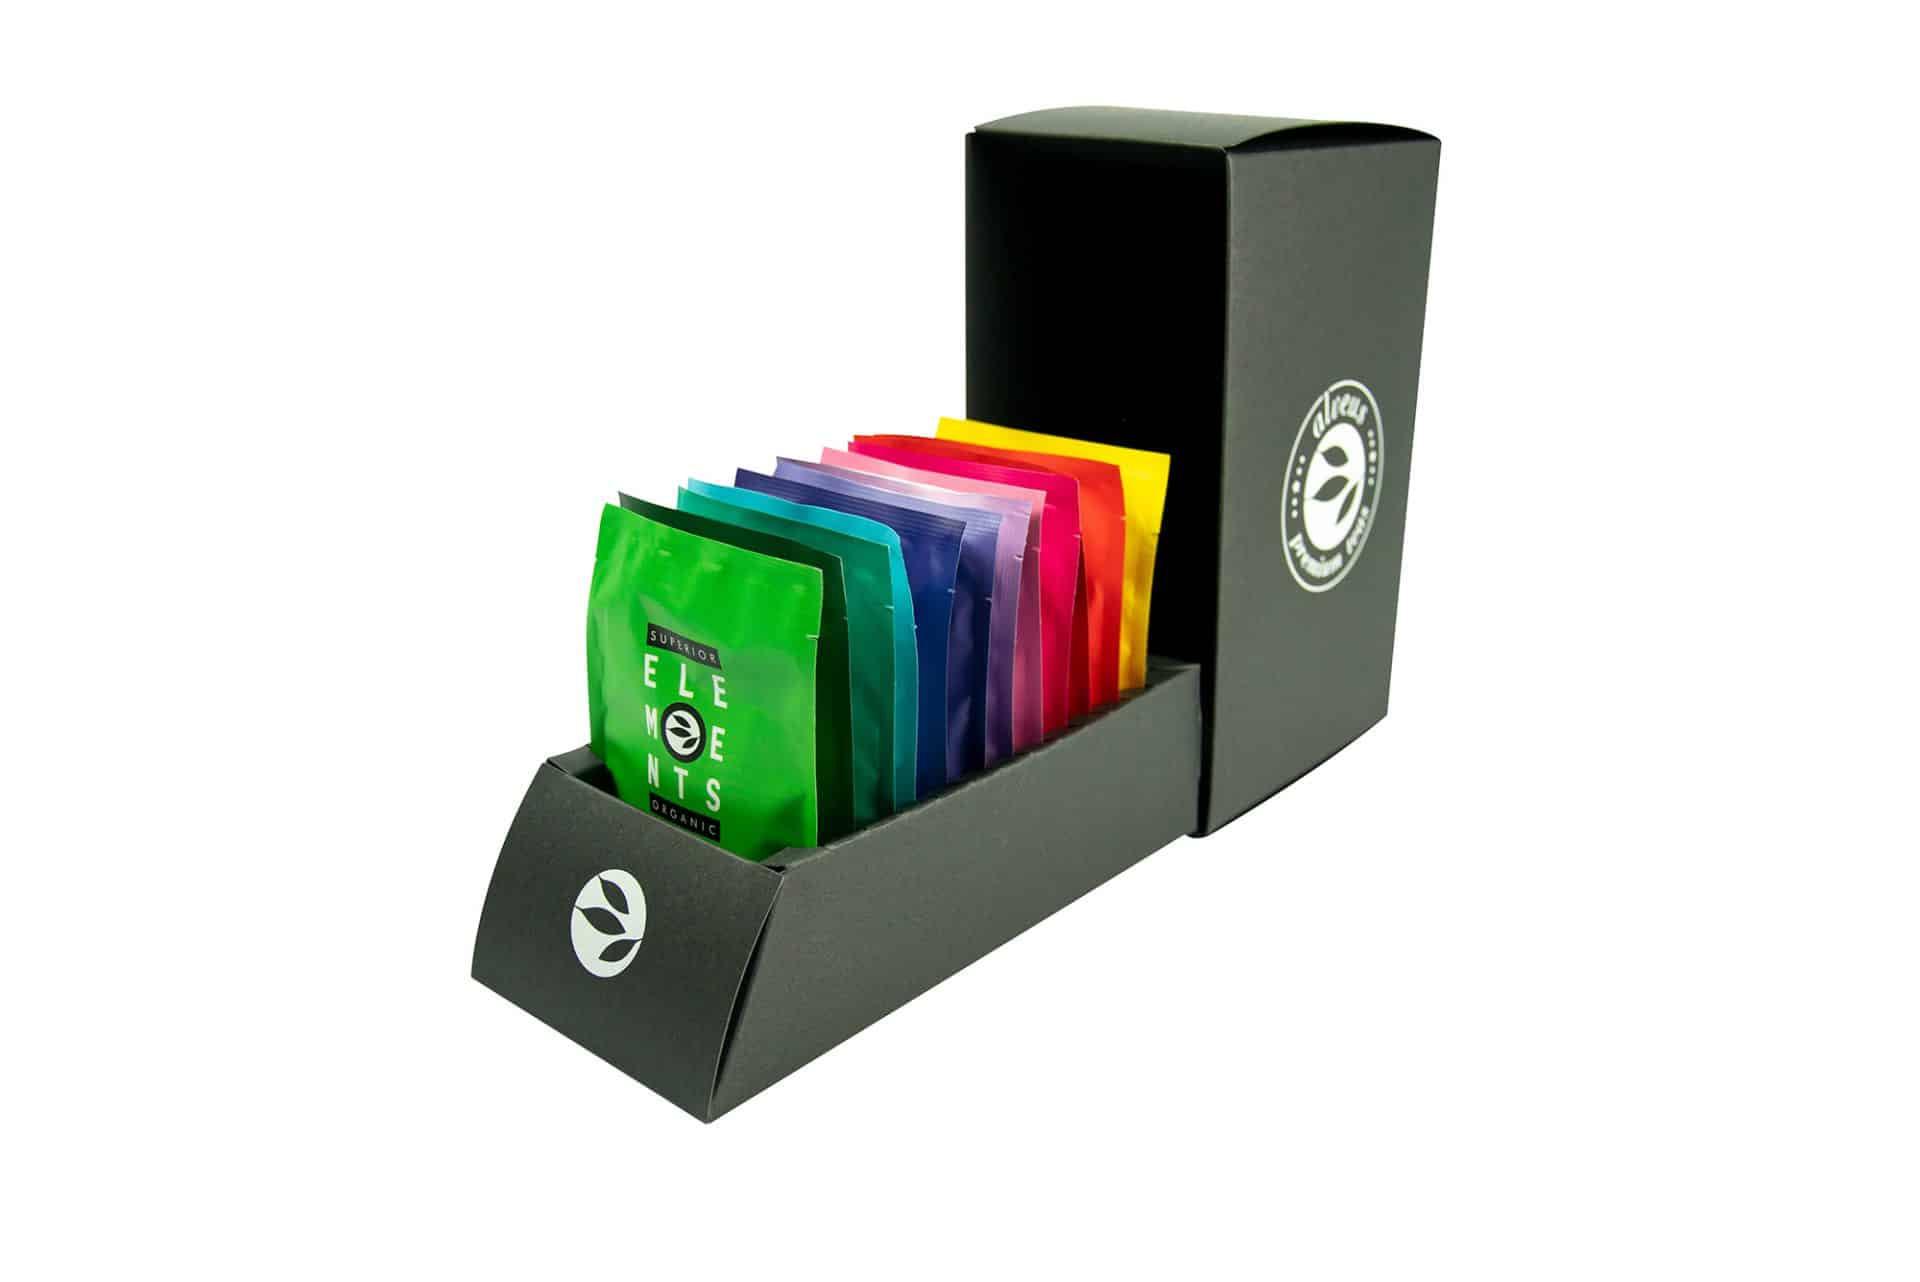 alveus Envelope Giftbox Geschenkbox Tester-Box entwickelt designed und als Serienprodukt realisiert von LangeArchitekten aus schwarzer Pappe und weißem UV-Lack zum Aufklappen mit Steckplätzen für die 12 bunten alveus Elements-Teebeutel